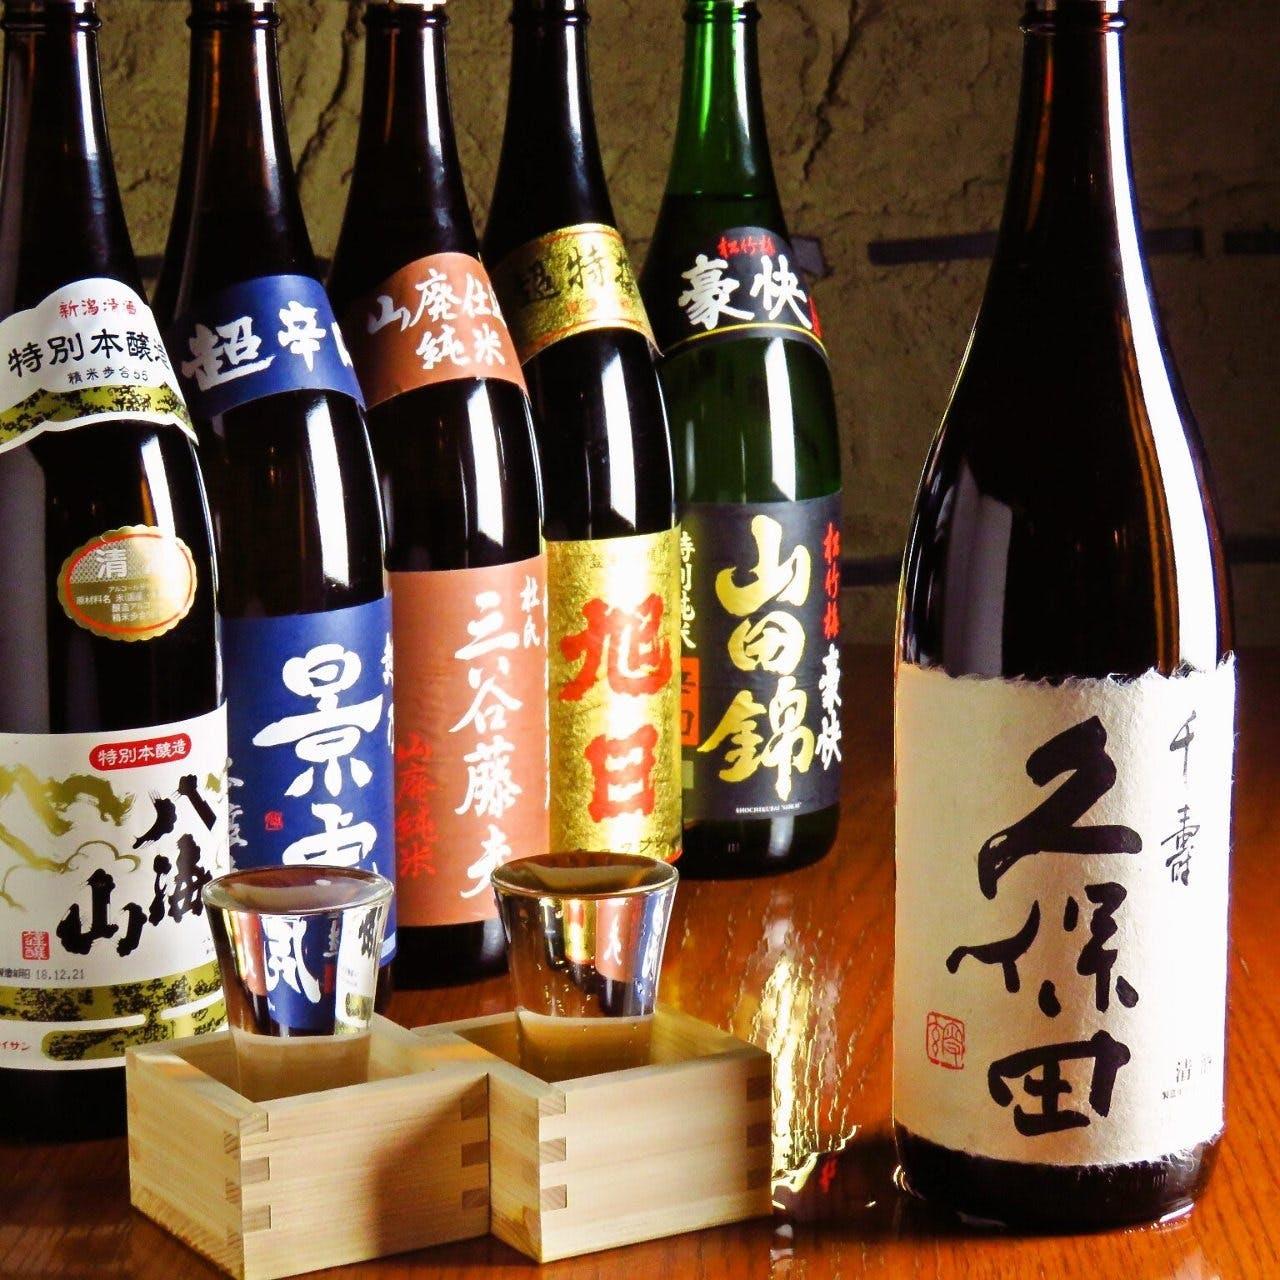 銘柄日本酒や焼酎も充実